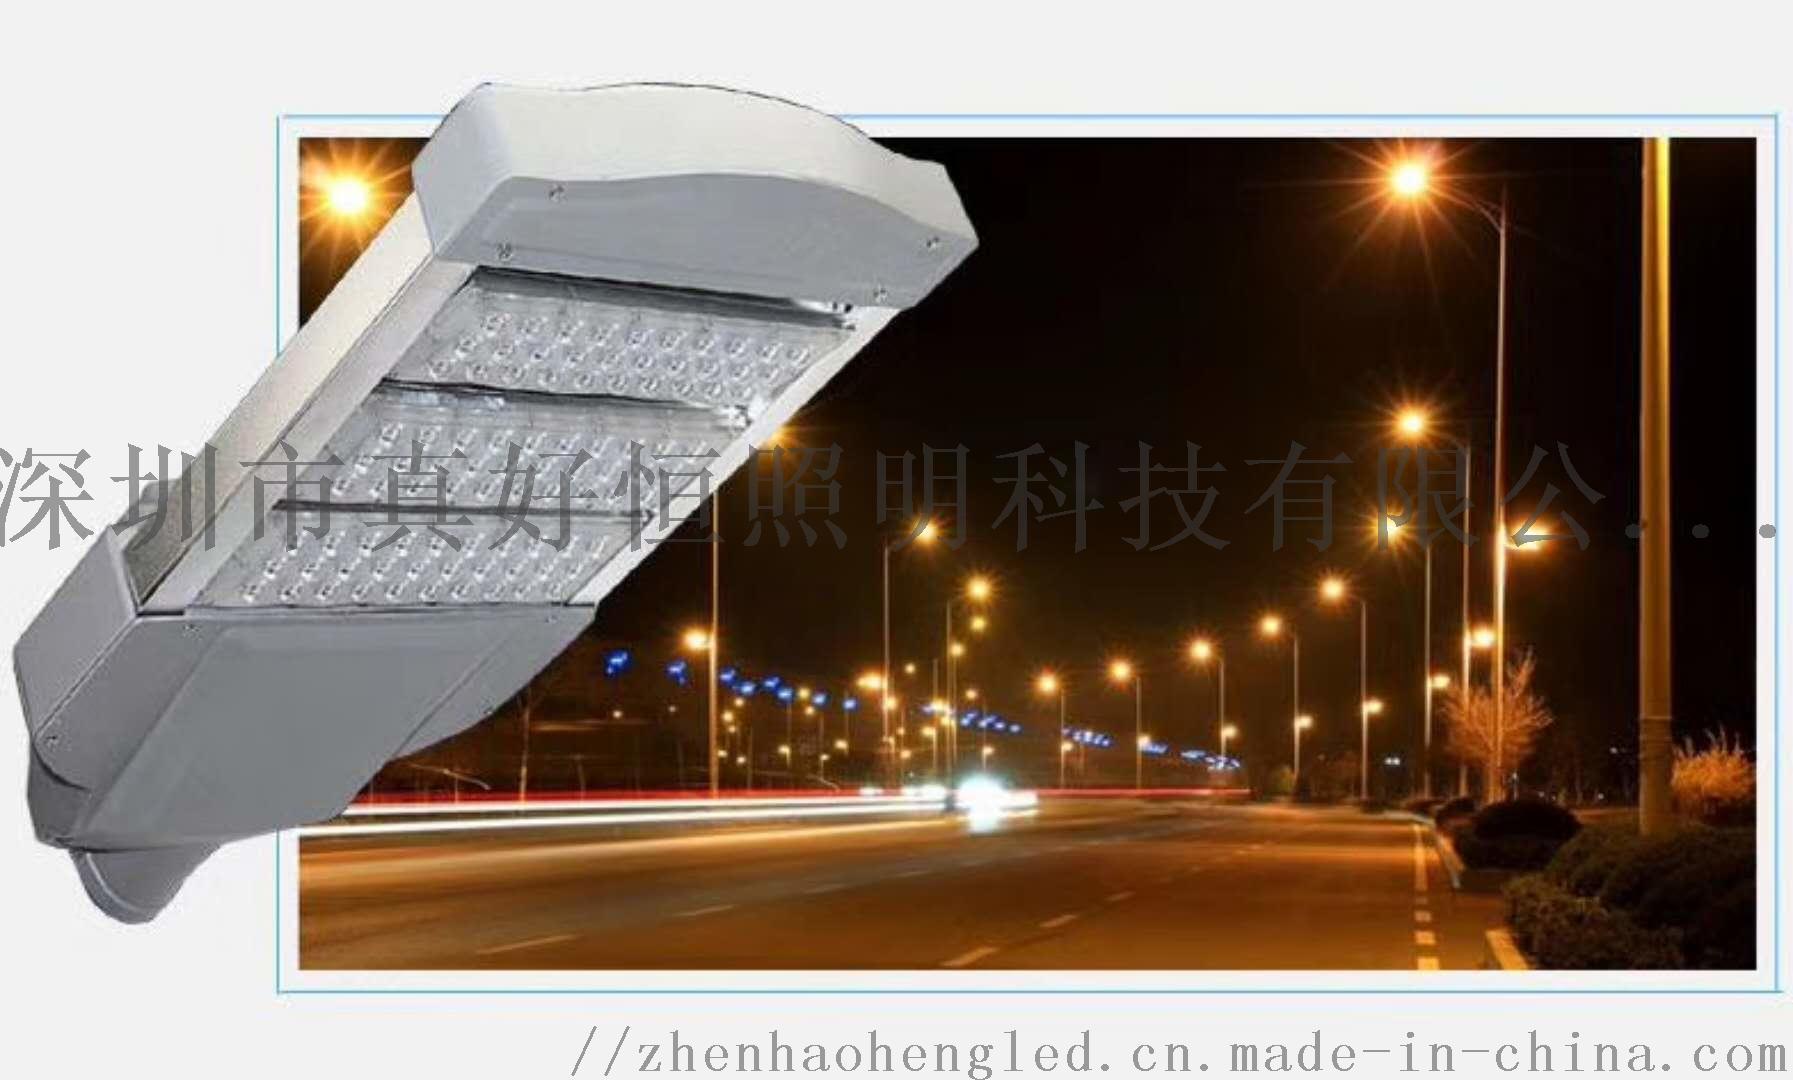 廣西led路燈/led模組路燈/可調路燈廠家91945765